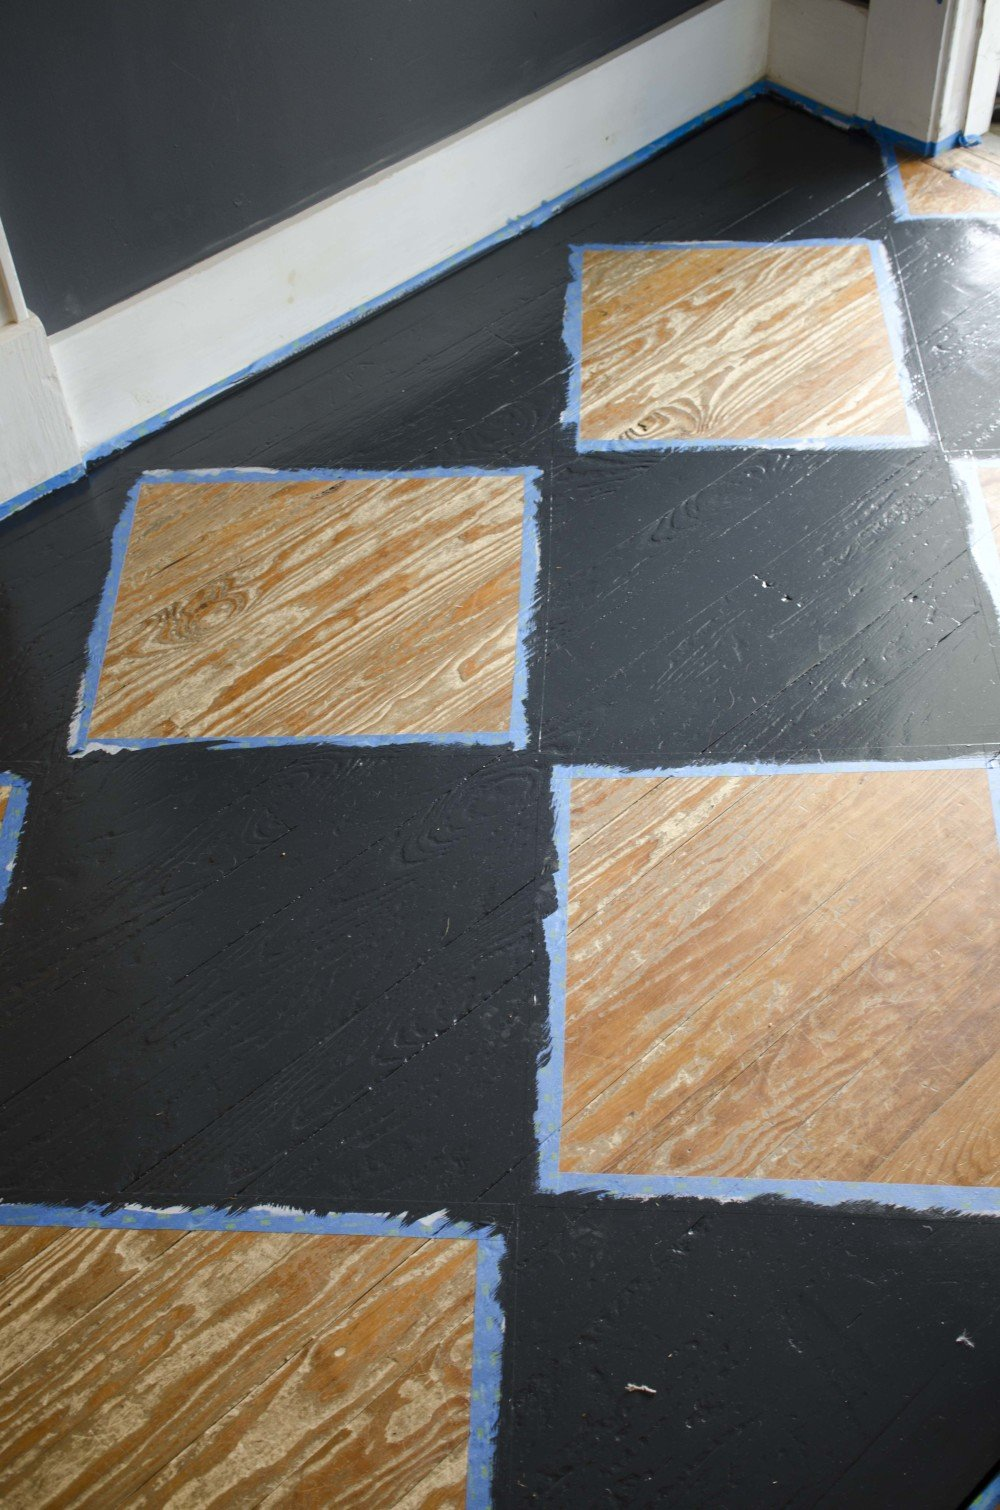 Checkerboard painted floor pattern